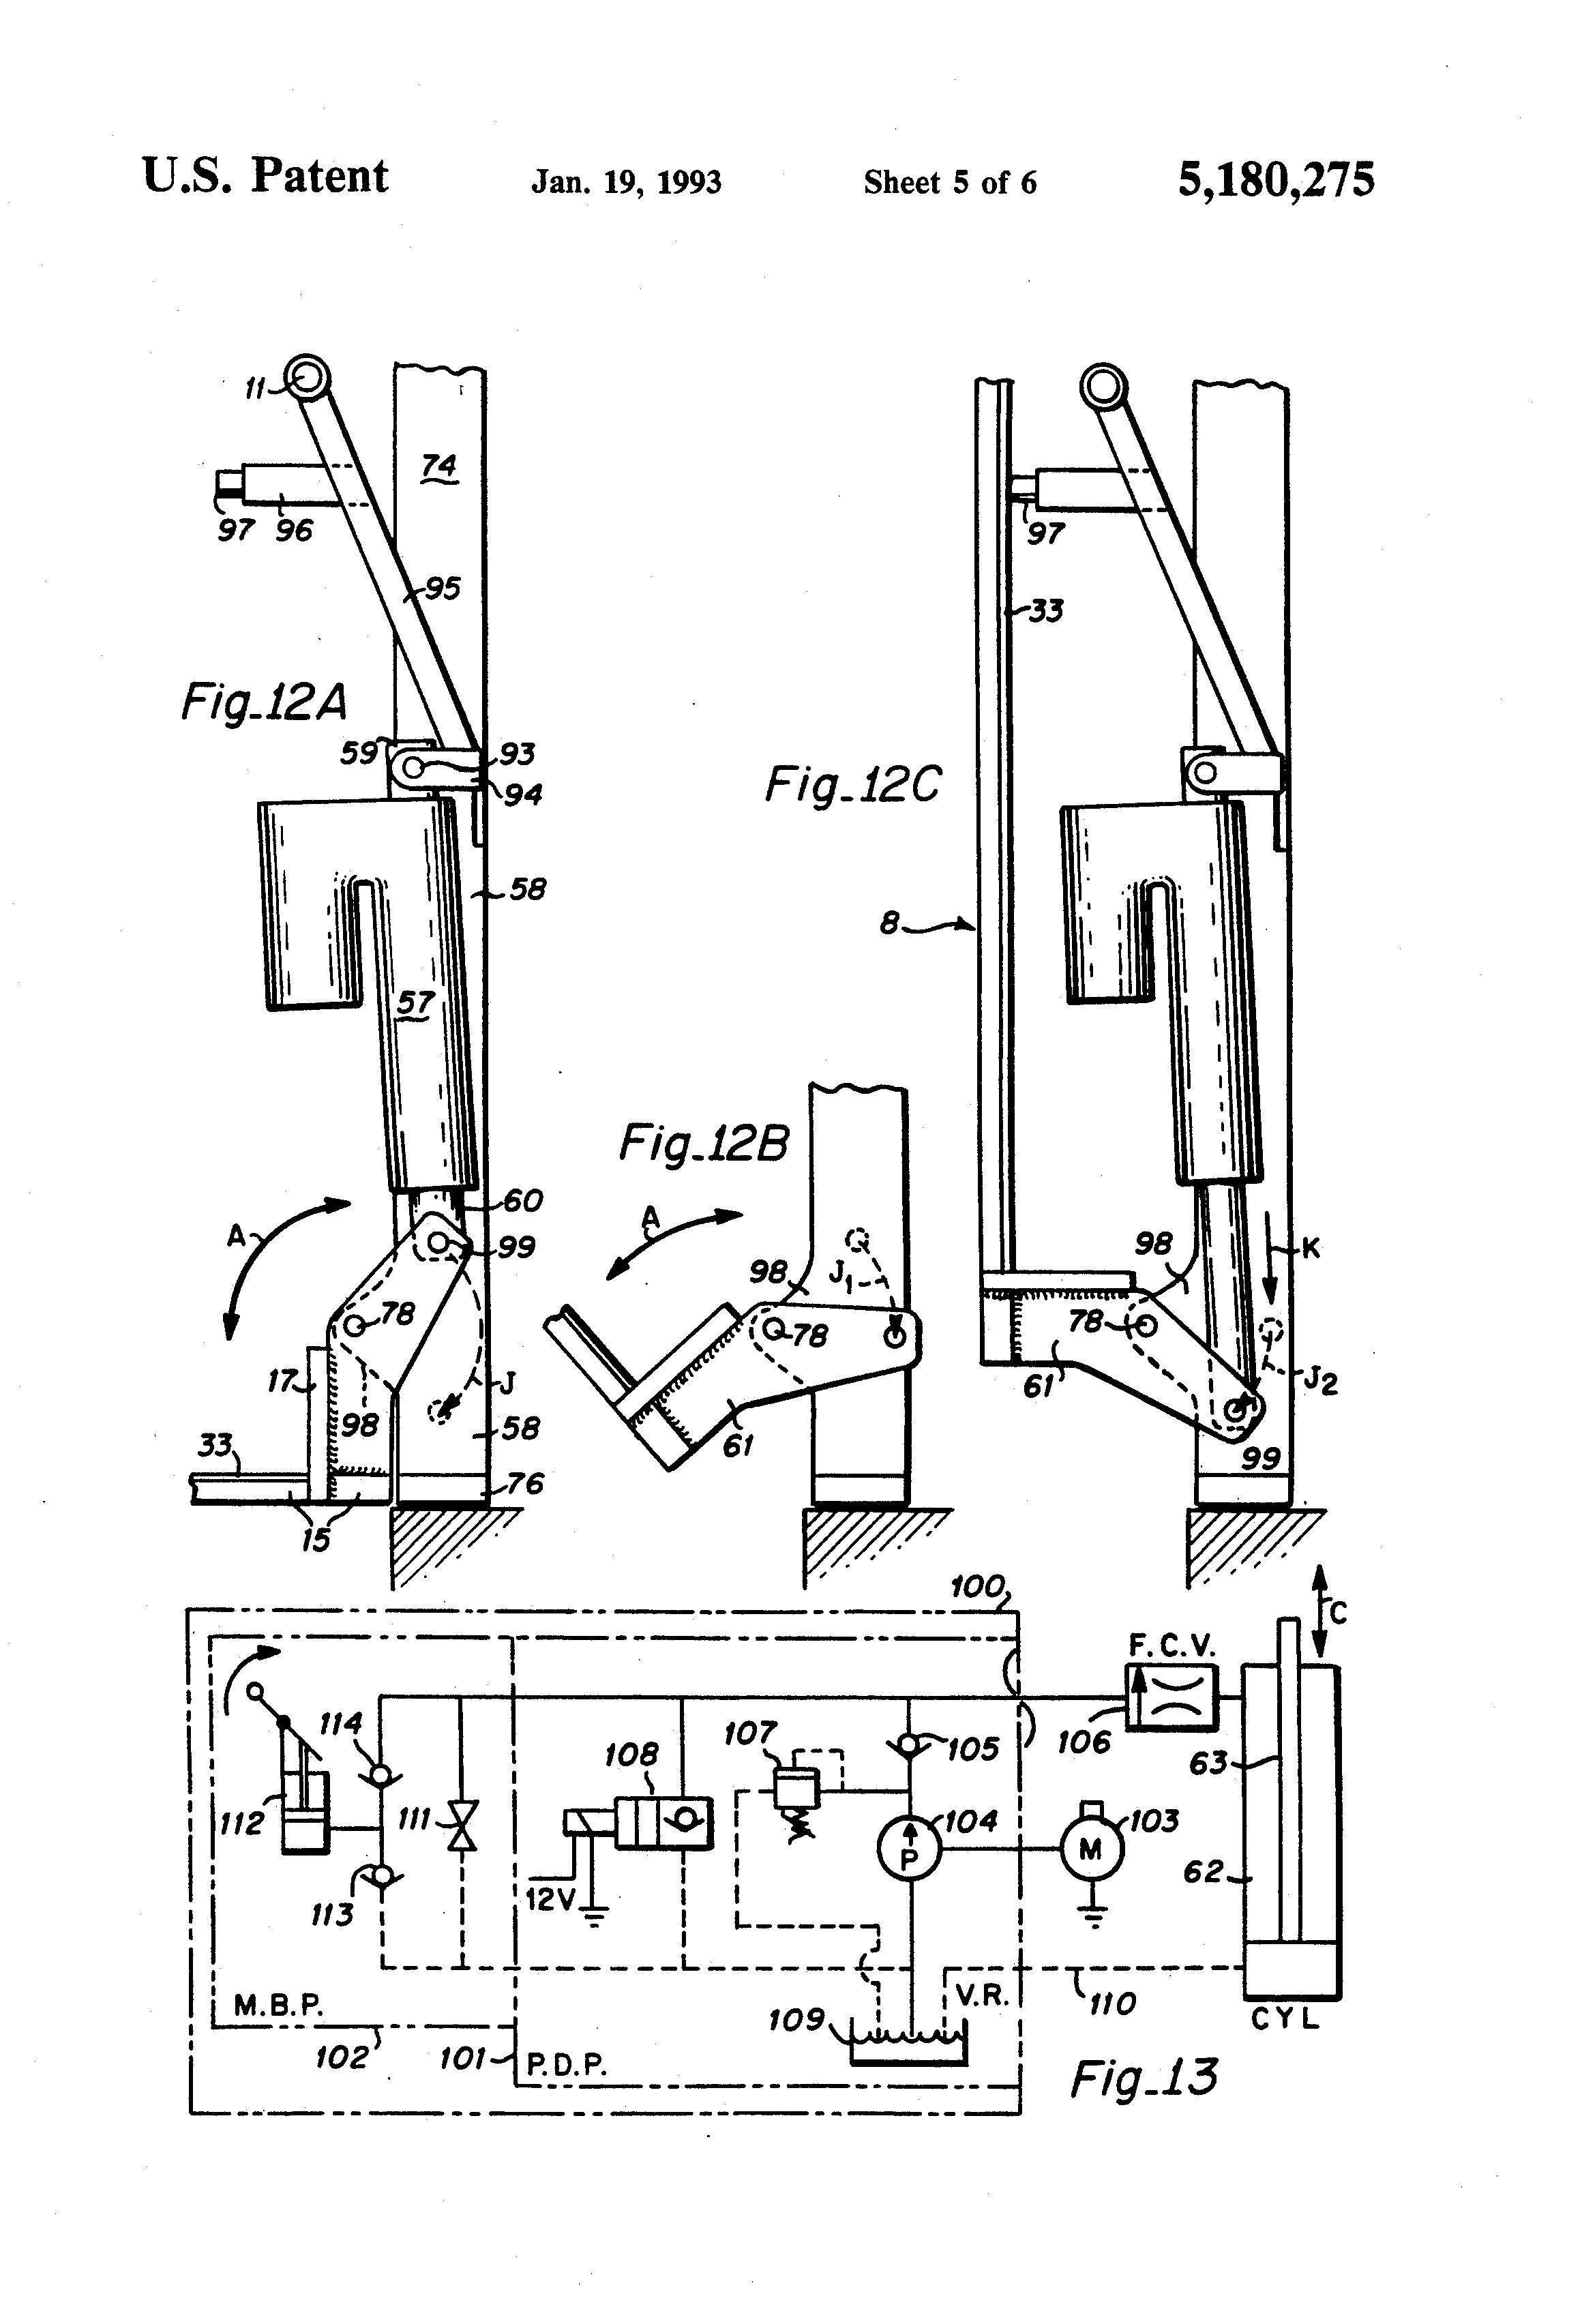 Awe Inspiring Ricon Wiring Diagrams Basic Electronics Wiring Diagram Wiring Cloud Rineaidewilluminateatxorg